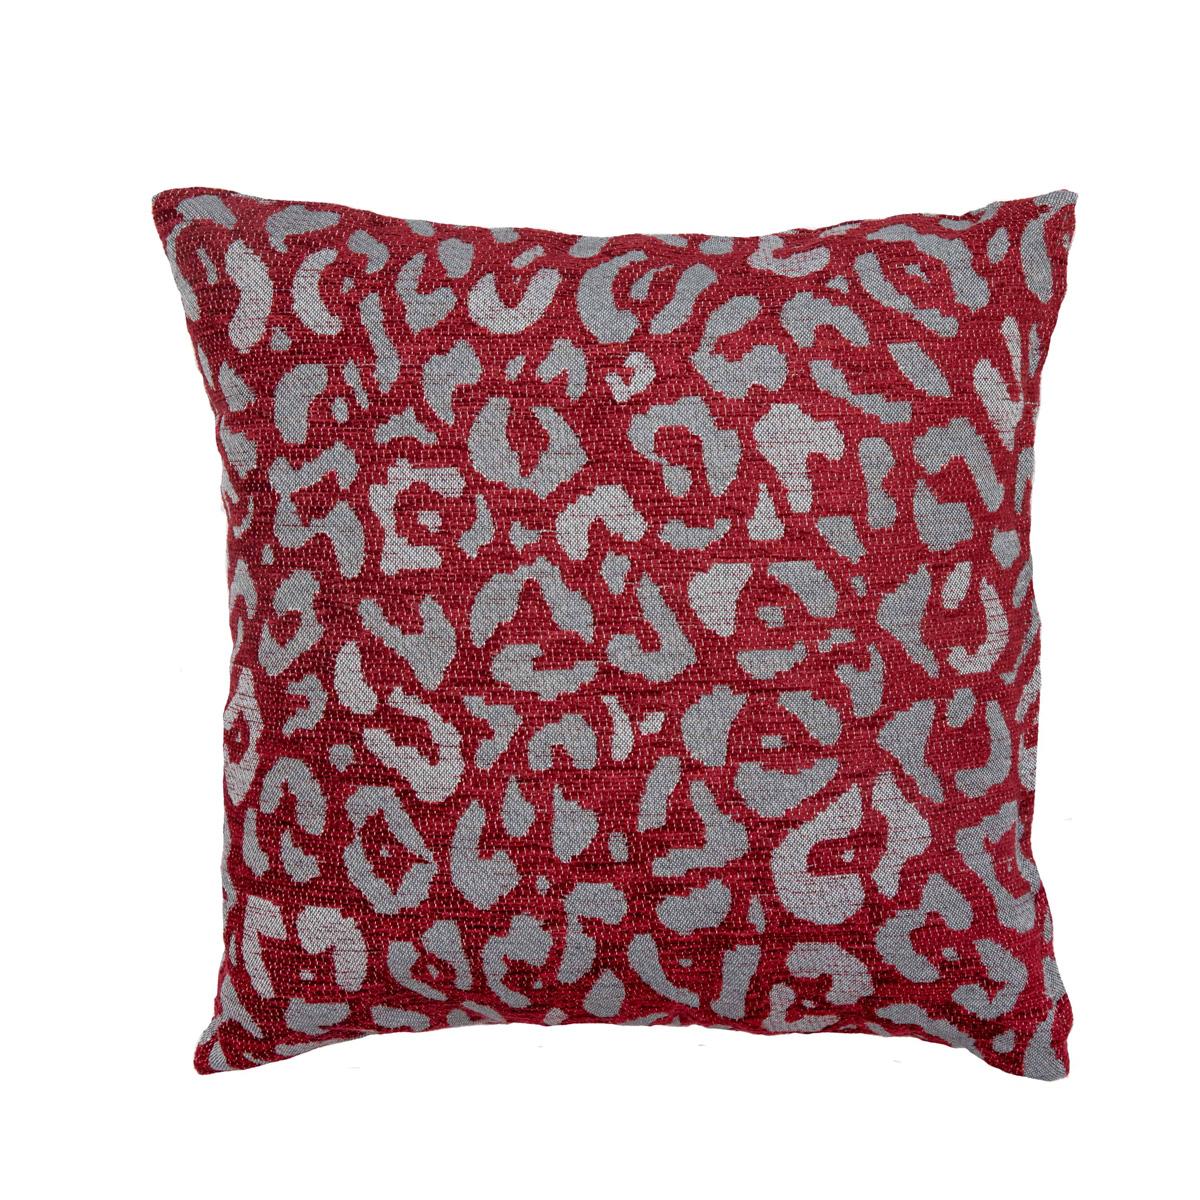 Διακοσμητική Μαξιλαροθήκη (40×40) Loom To Room Leopardo Bordeaux